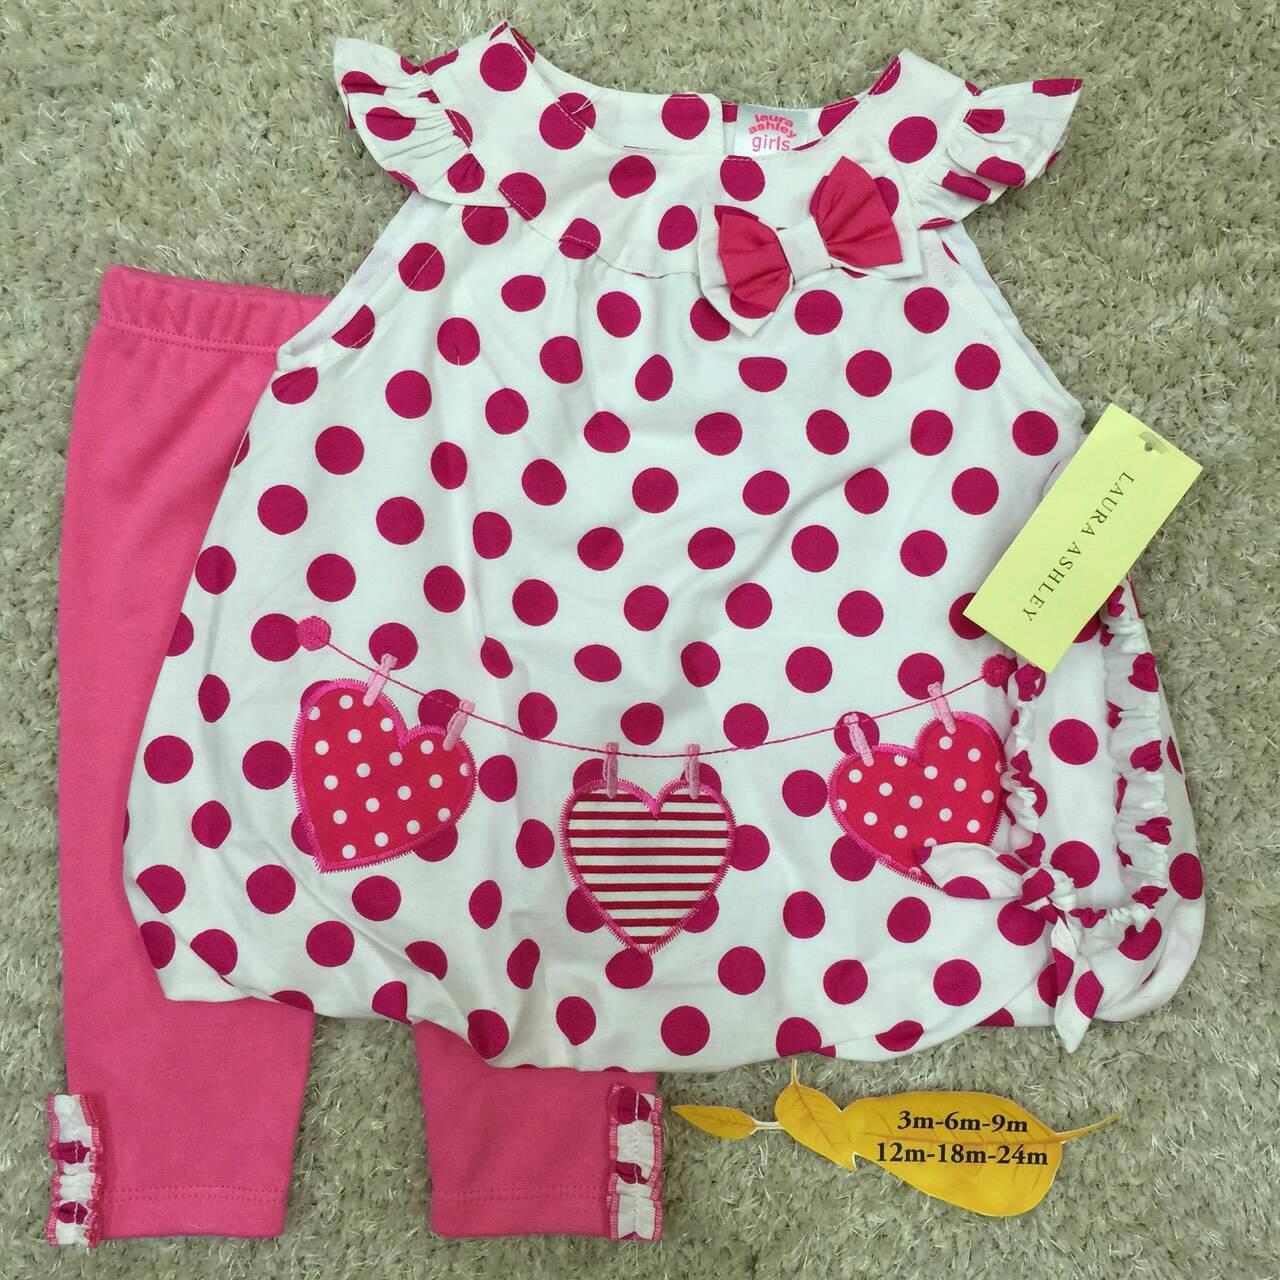 เสื้อผ้าเด็ก (พร้อมส่ง!!) 170460-20